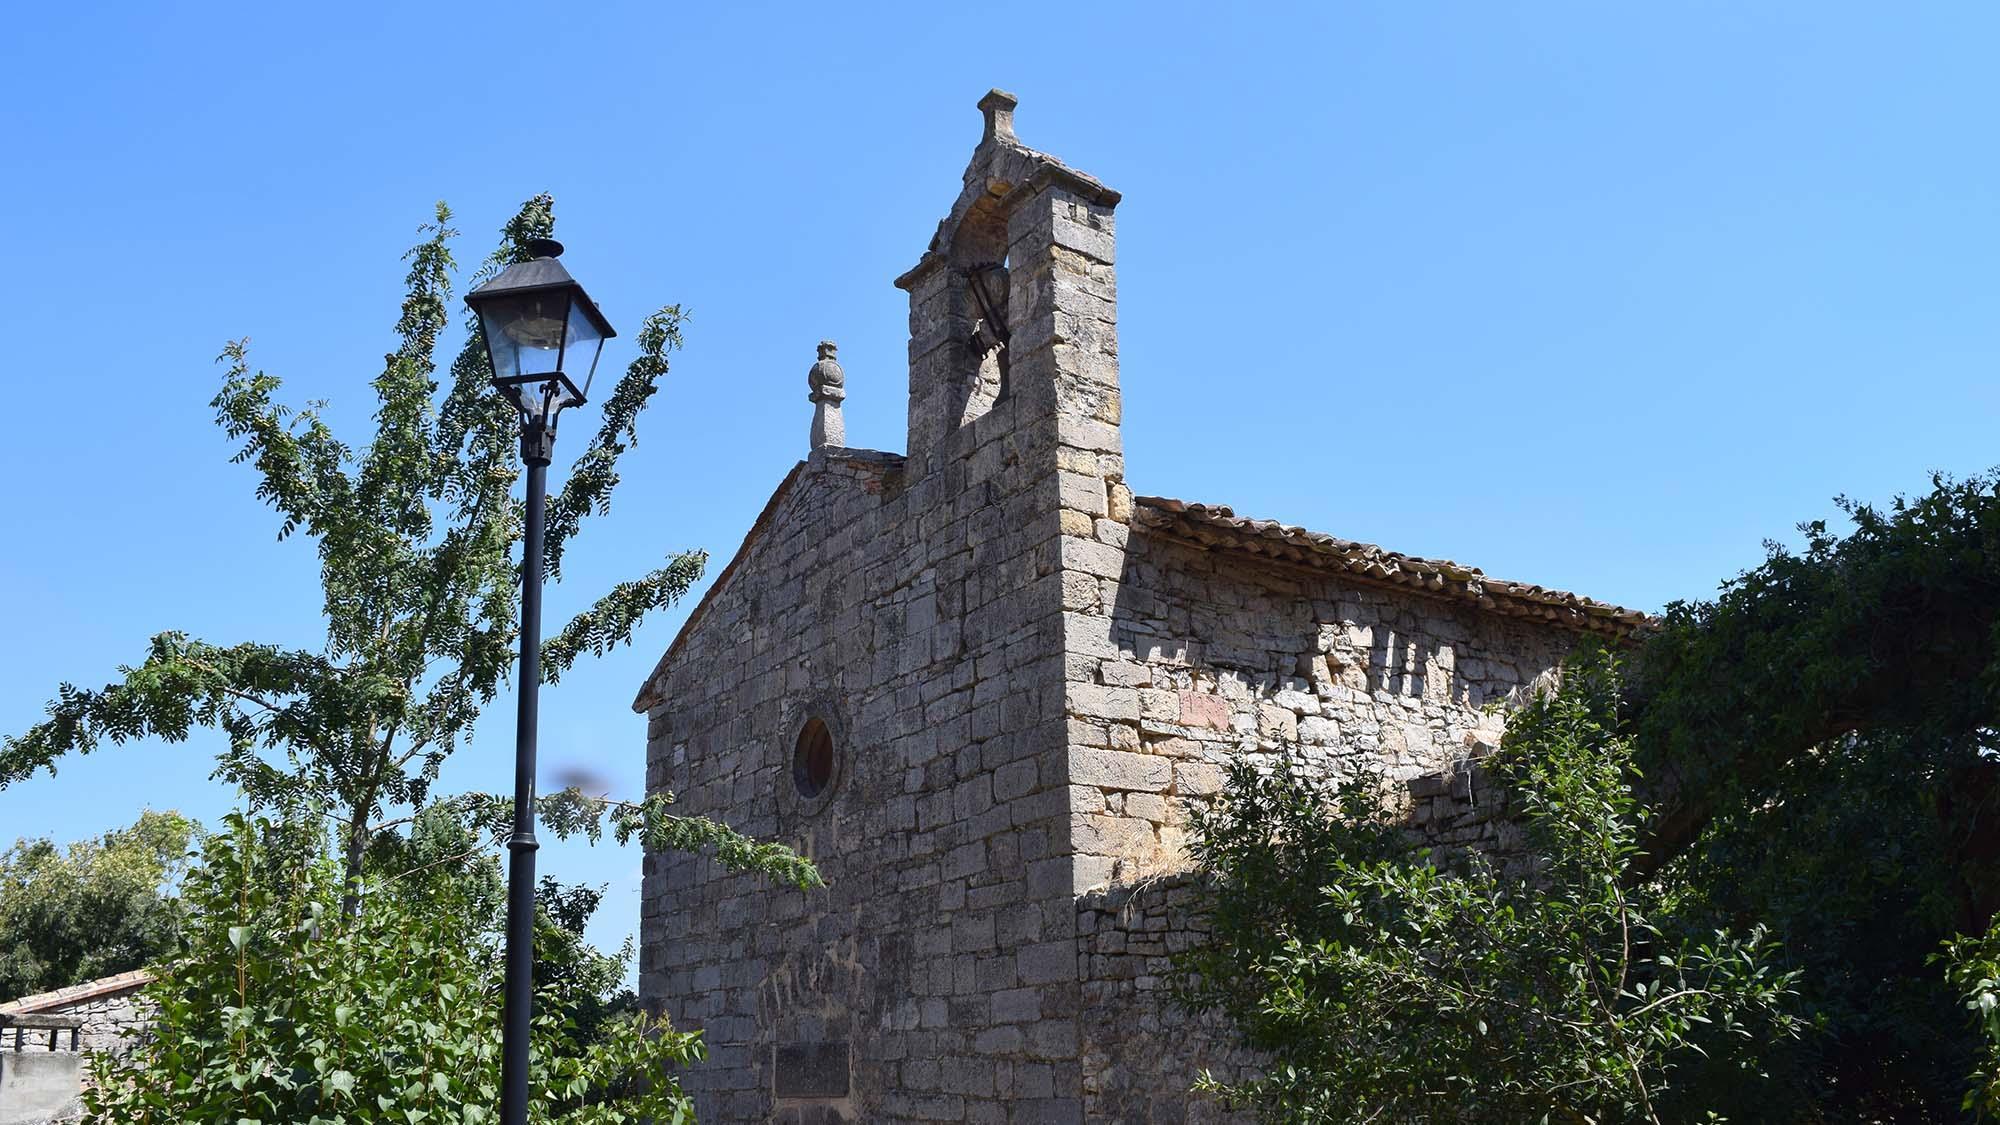 Església de la Nativitat de la Verge Maria